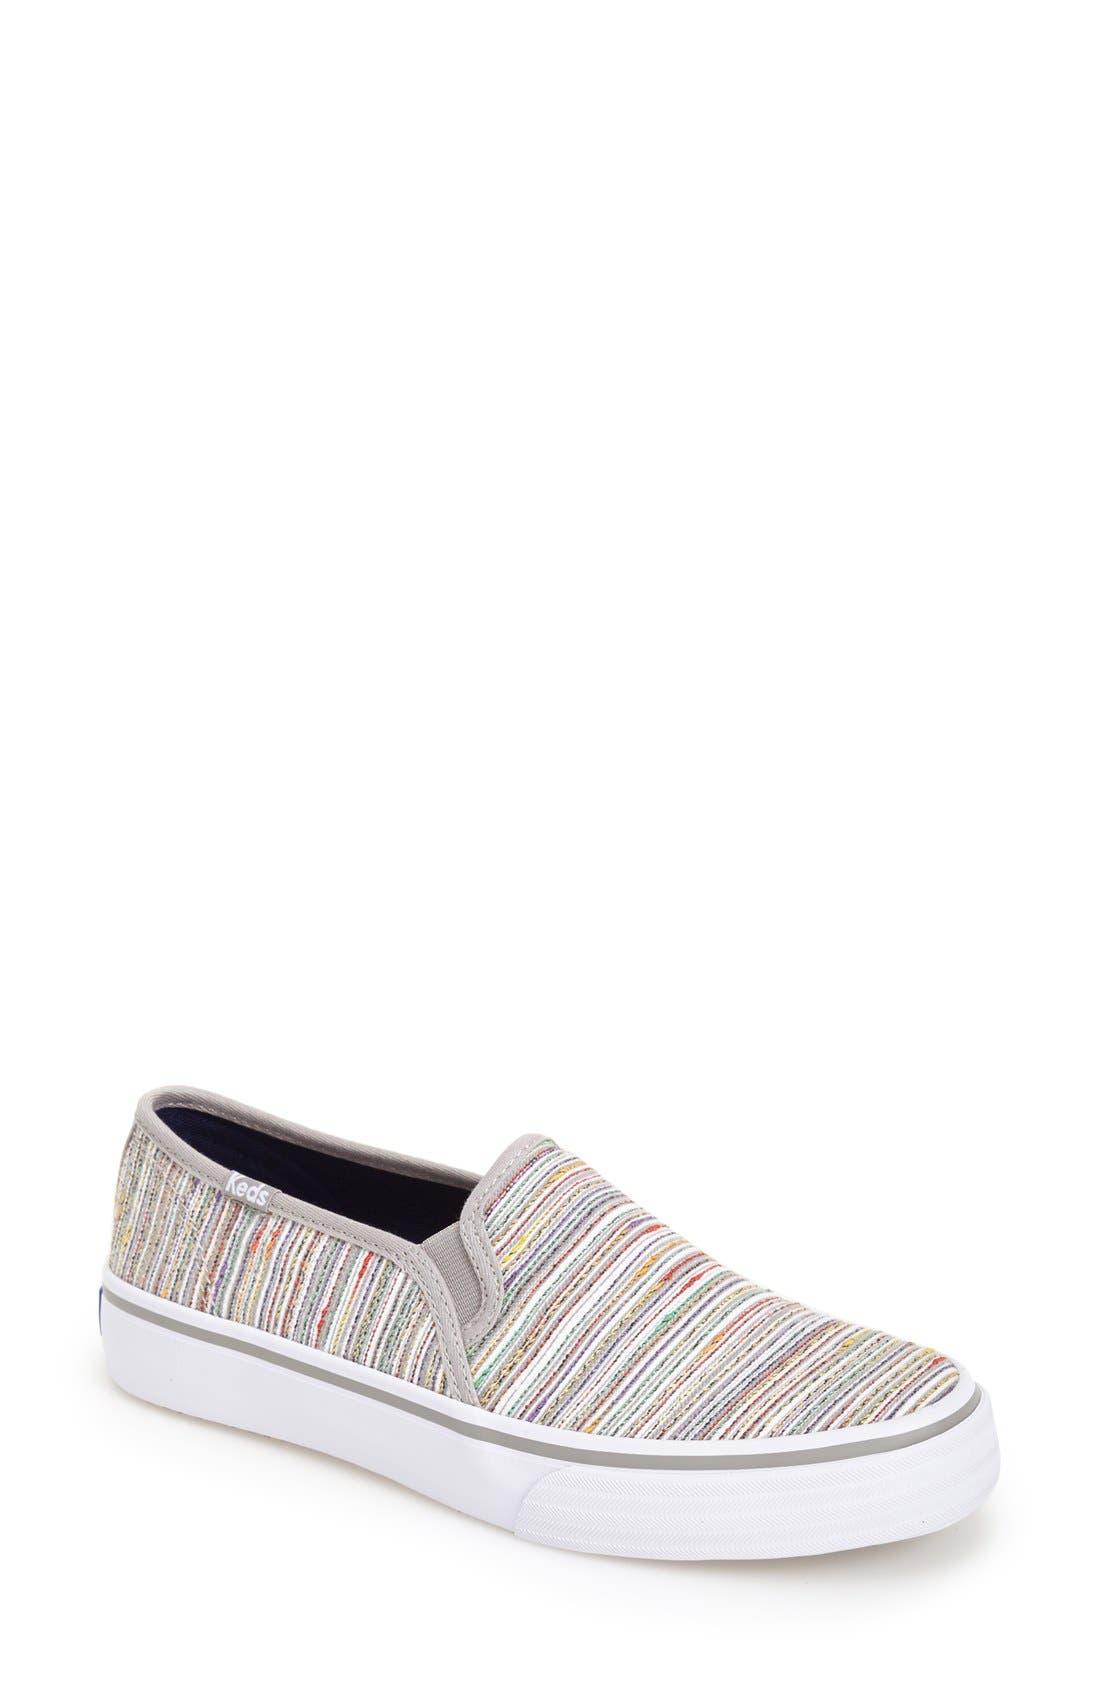 Alternate Image 1 Selected - Keds® 'Double Decker - Woven Stripe' Slip-On Sneaker (Women)